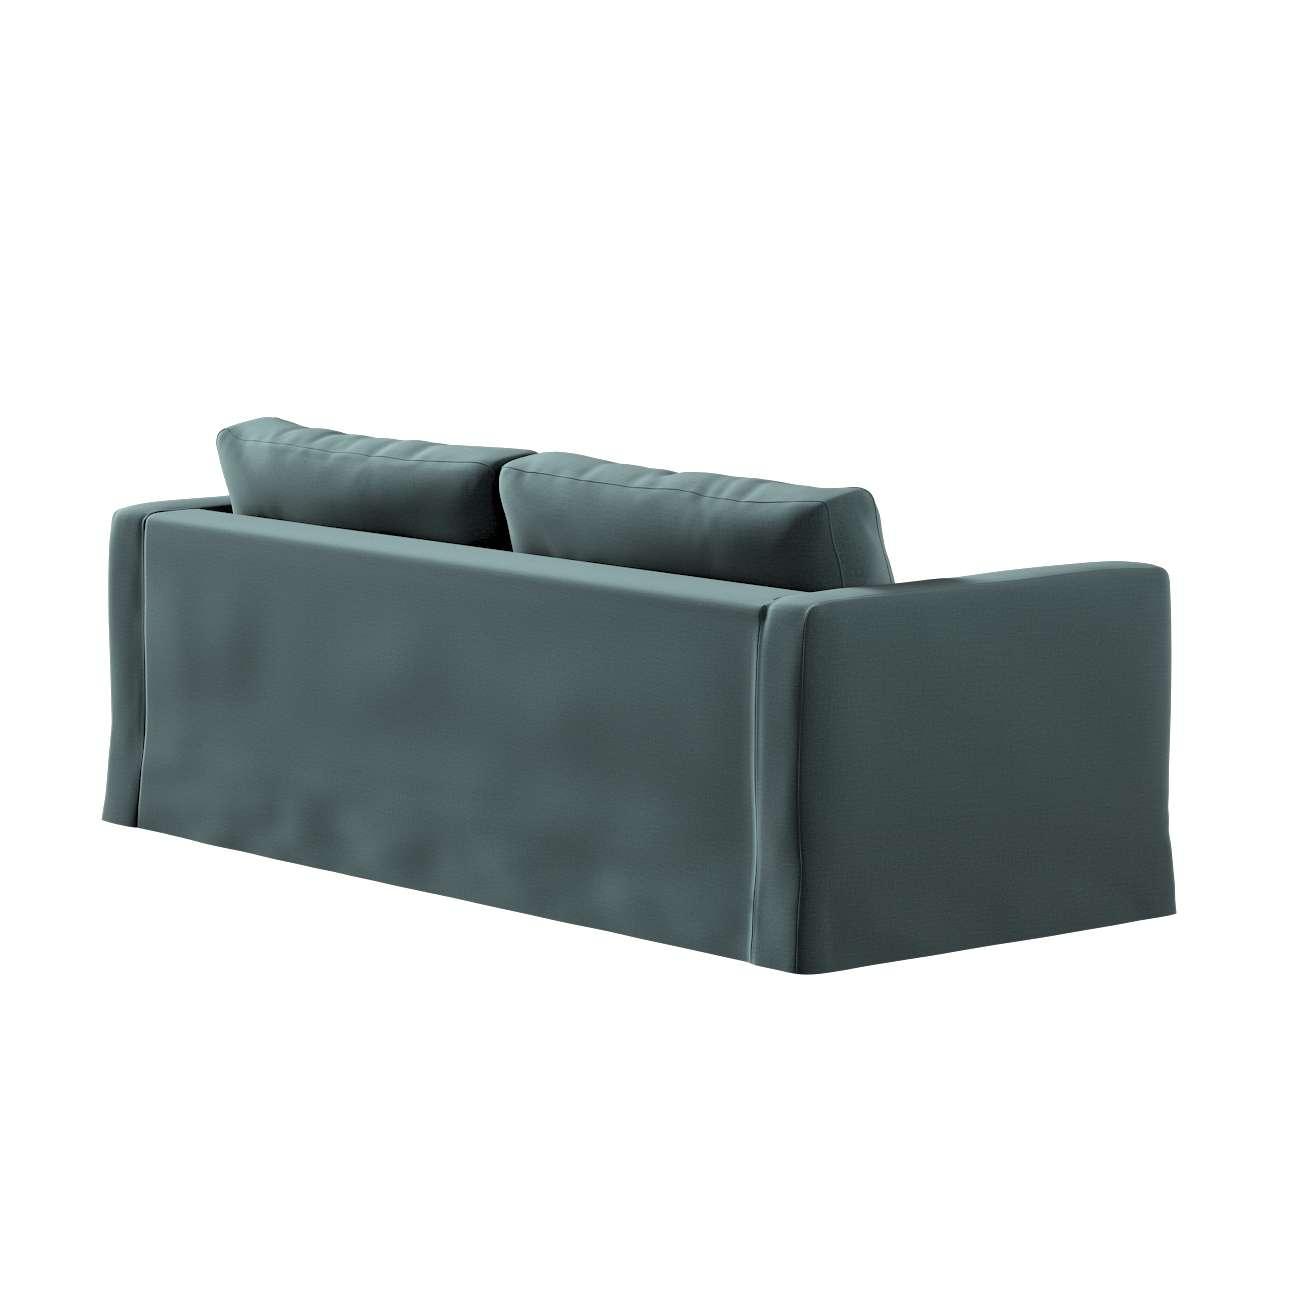 Potah na pohovku IKEA  Karlstad 3-místná, nerozkládací, dlouhý v kolekci Ingrid, látka: 705-36